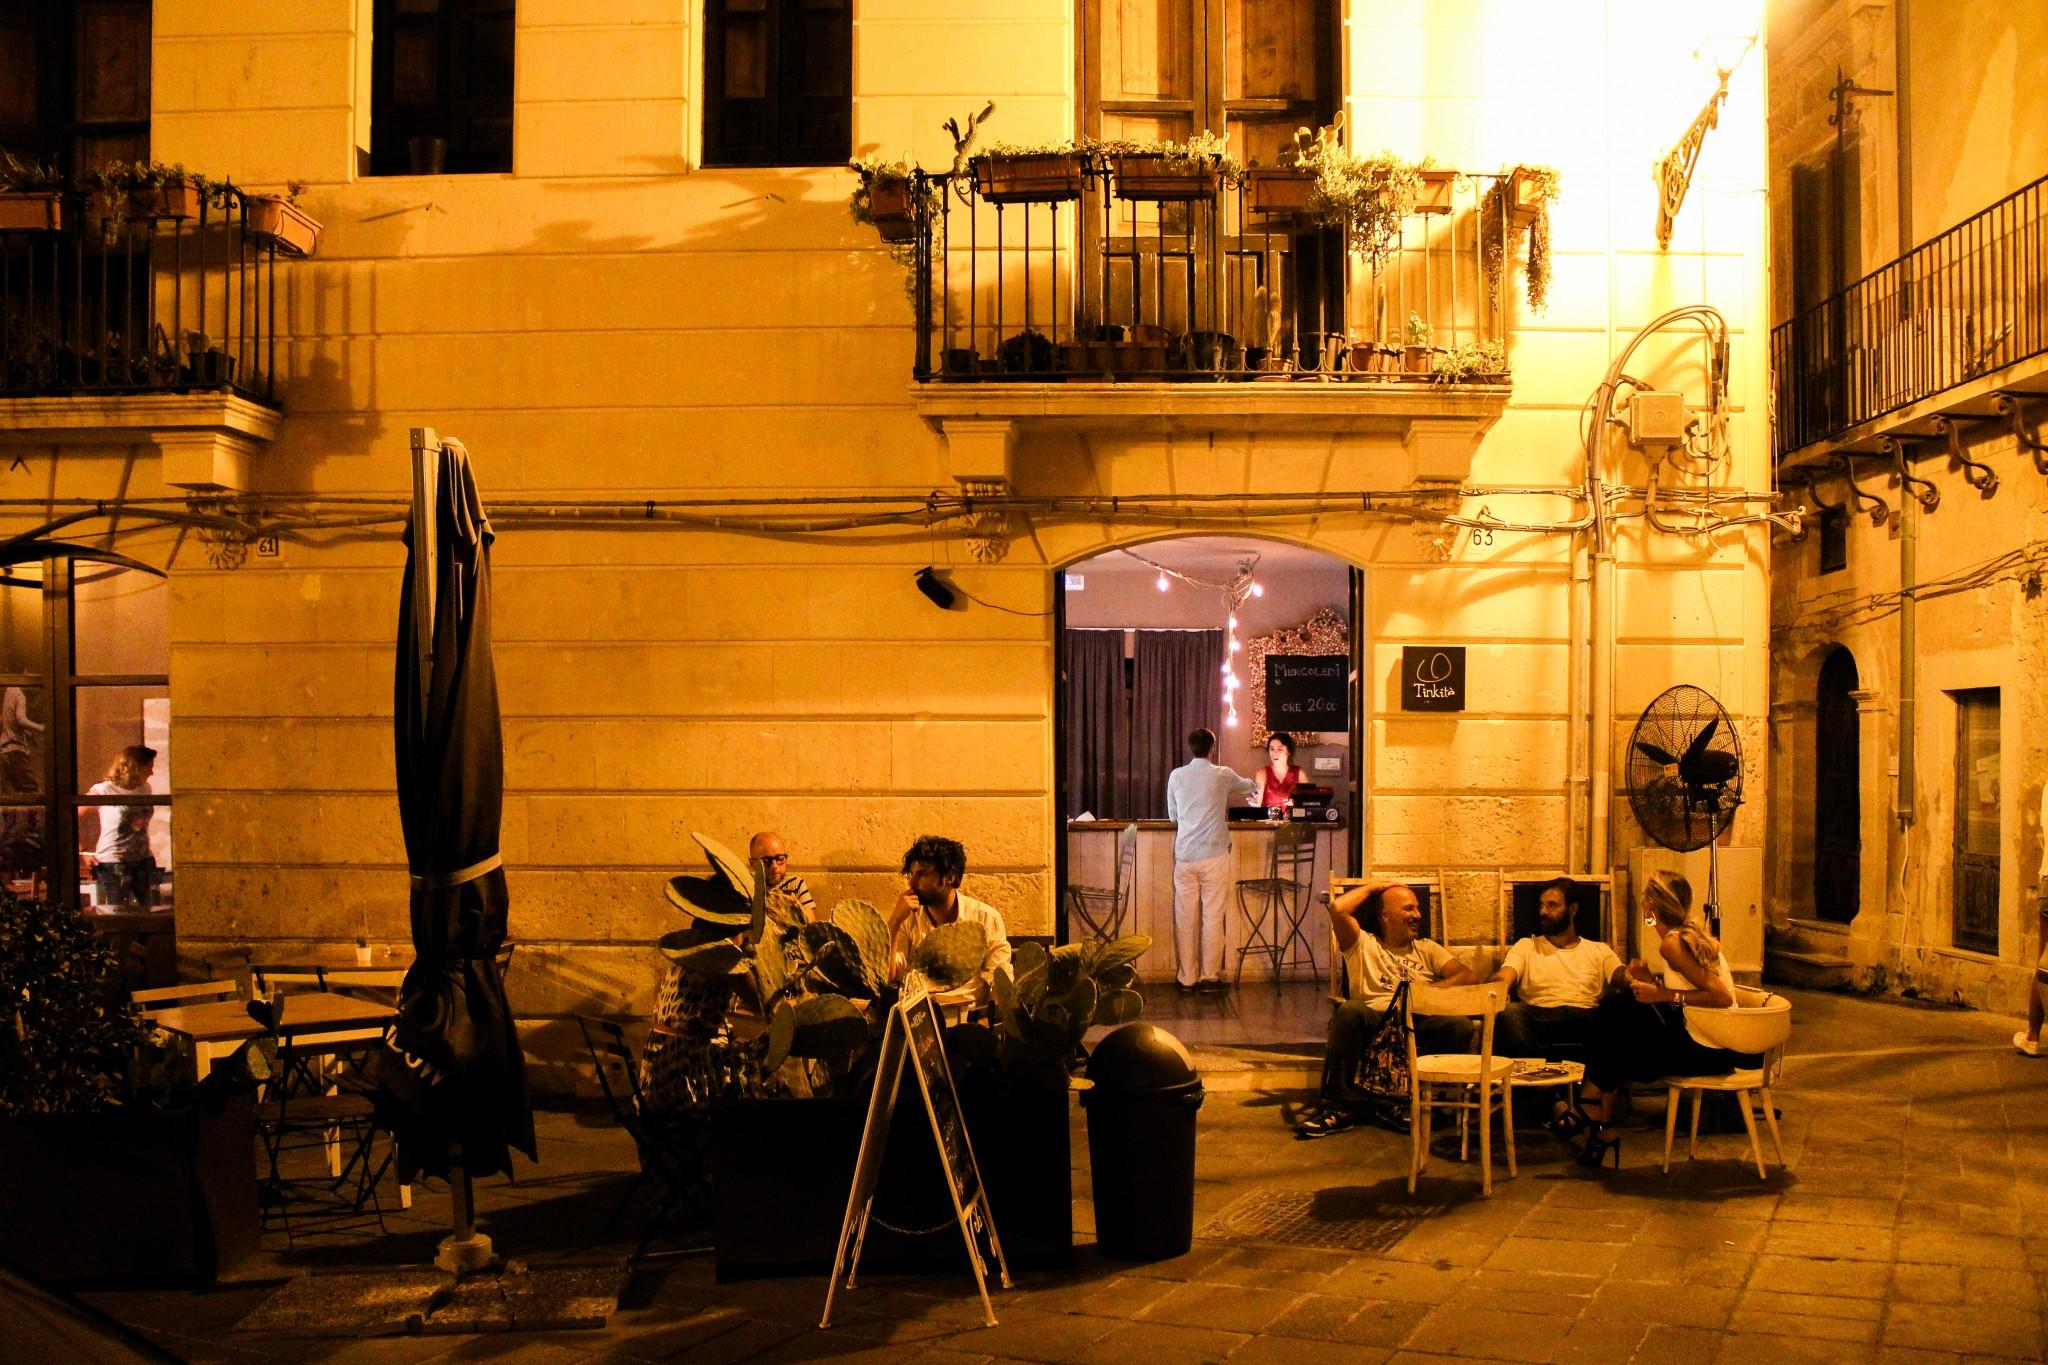 Tinkite Bar | Siracusa, Sicilia